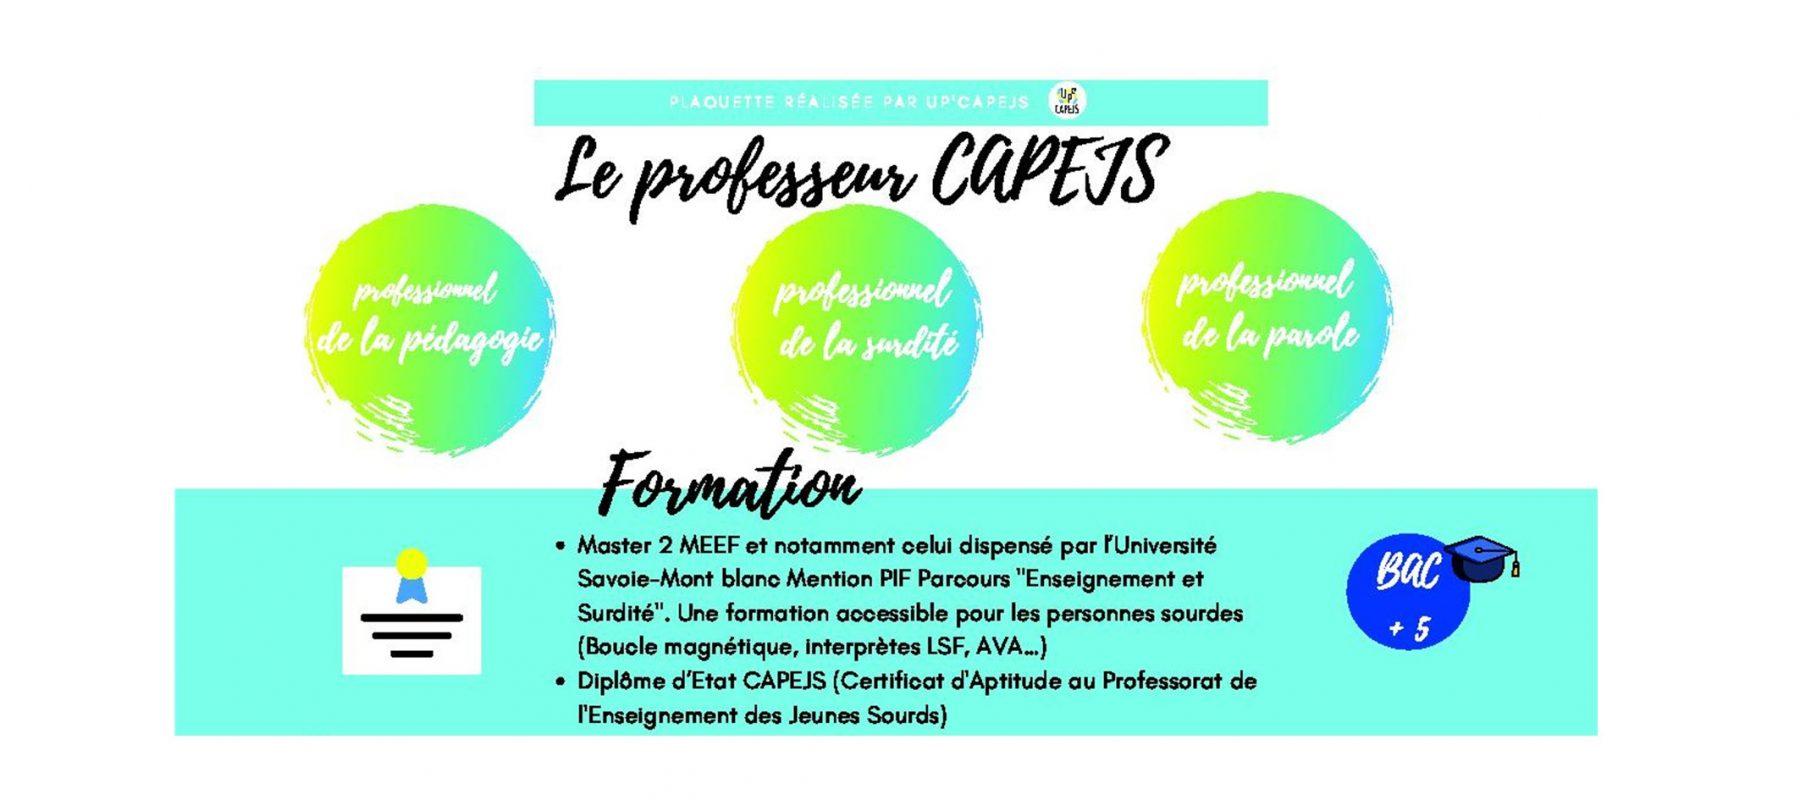 La plaquette des missions du professeur CAPEJS – rentrée 2021